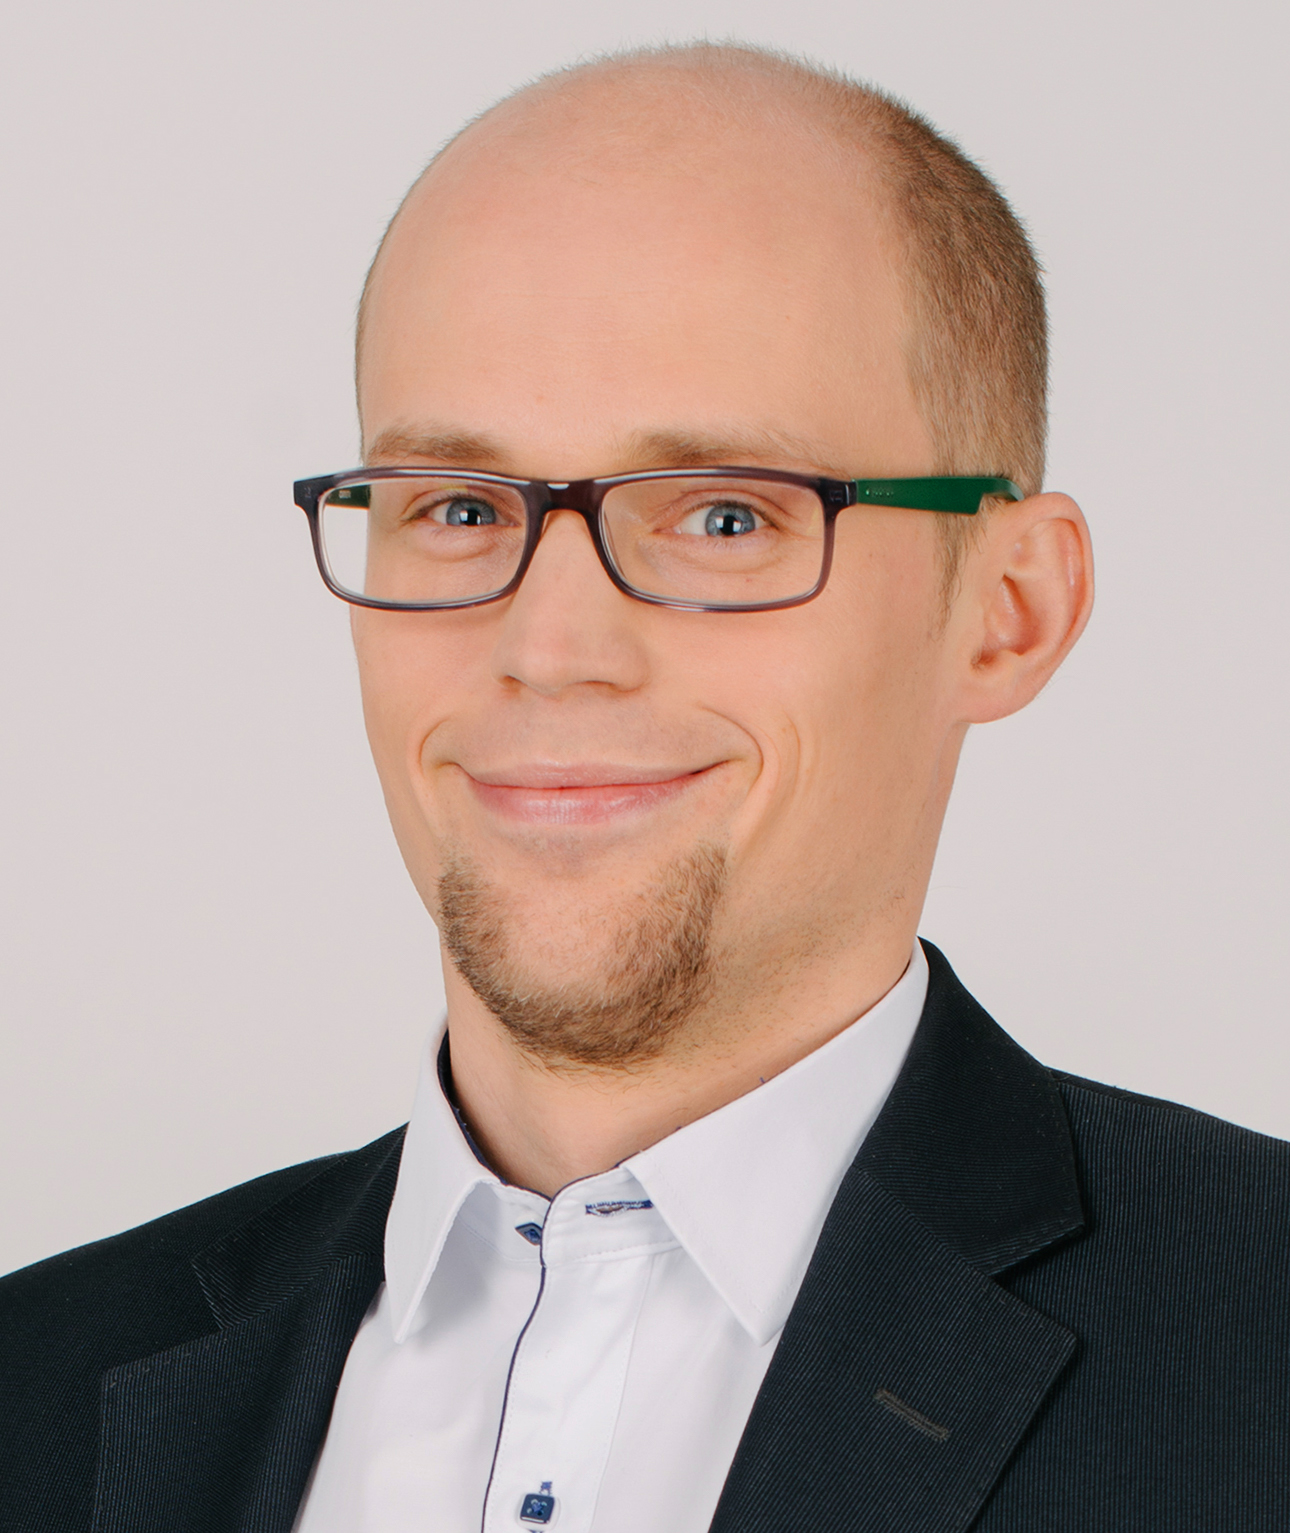 Andrzej Wyszomierski